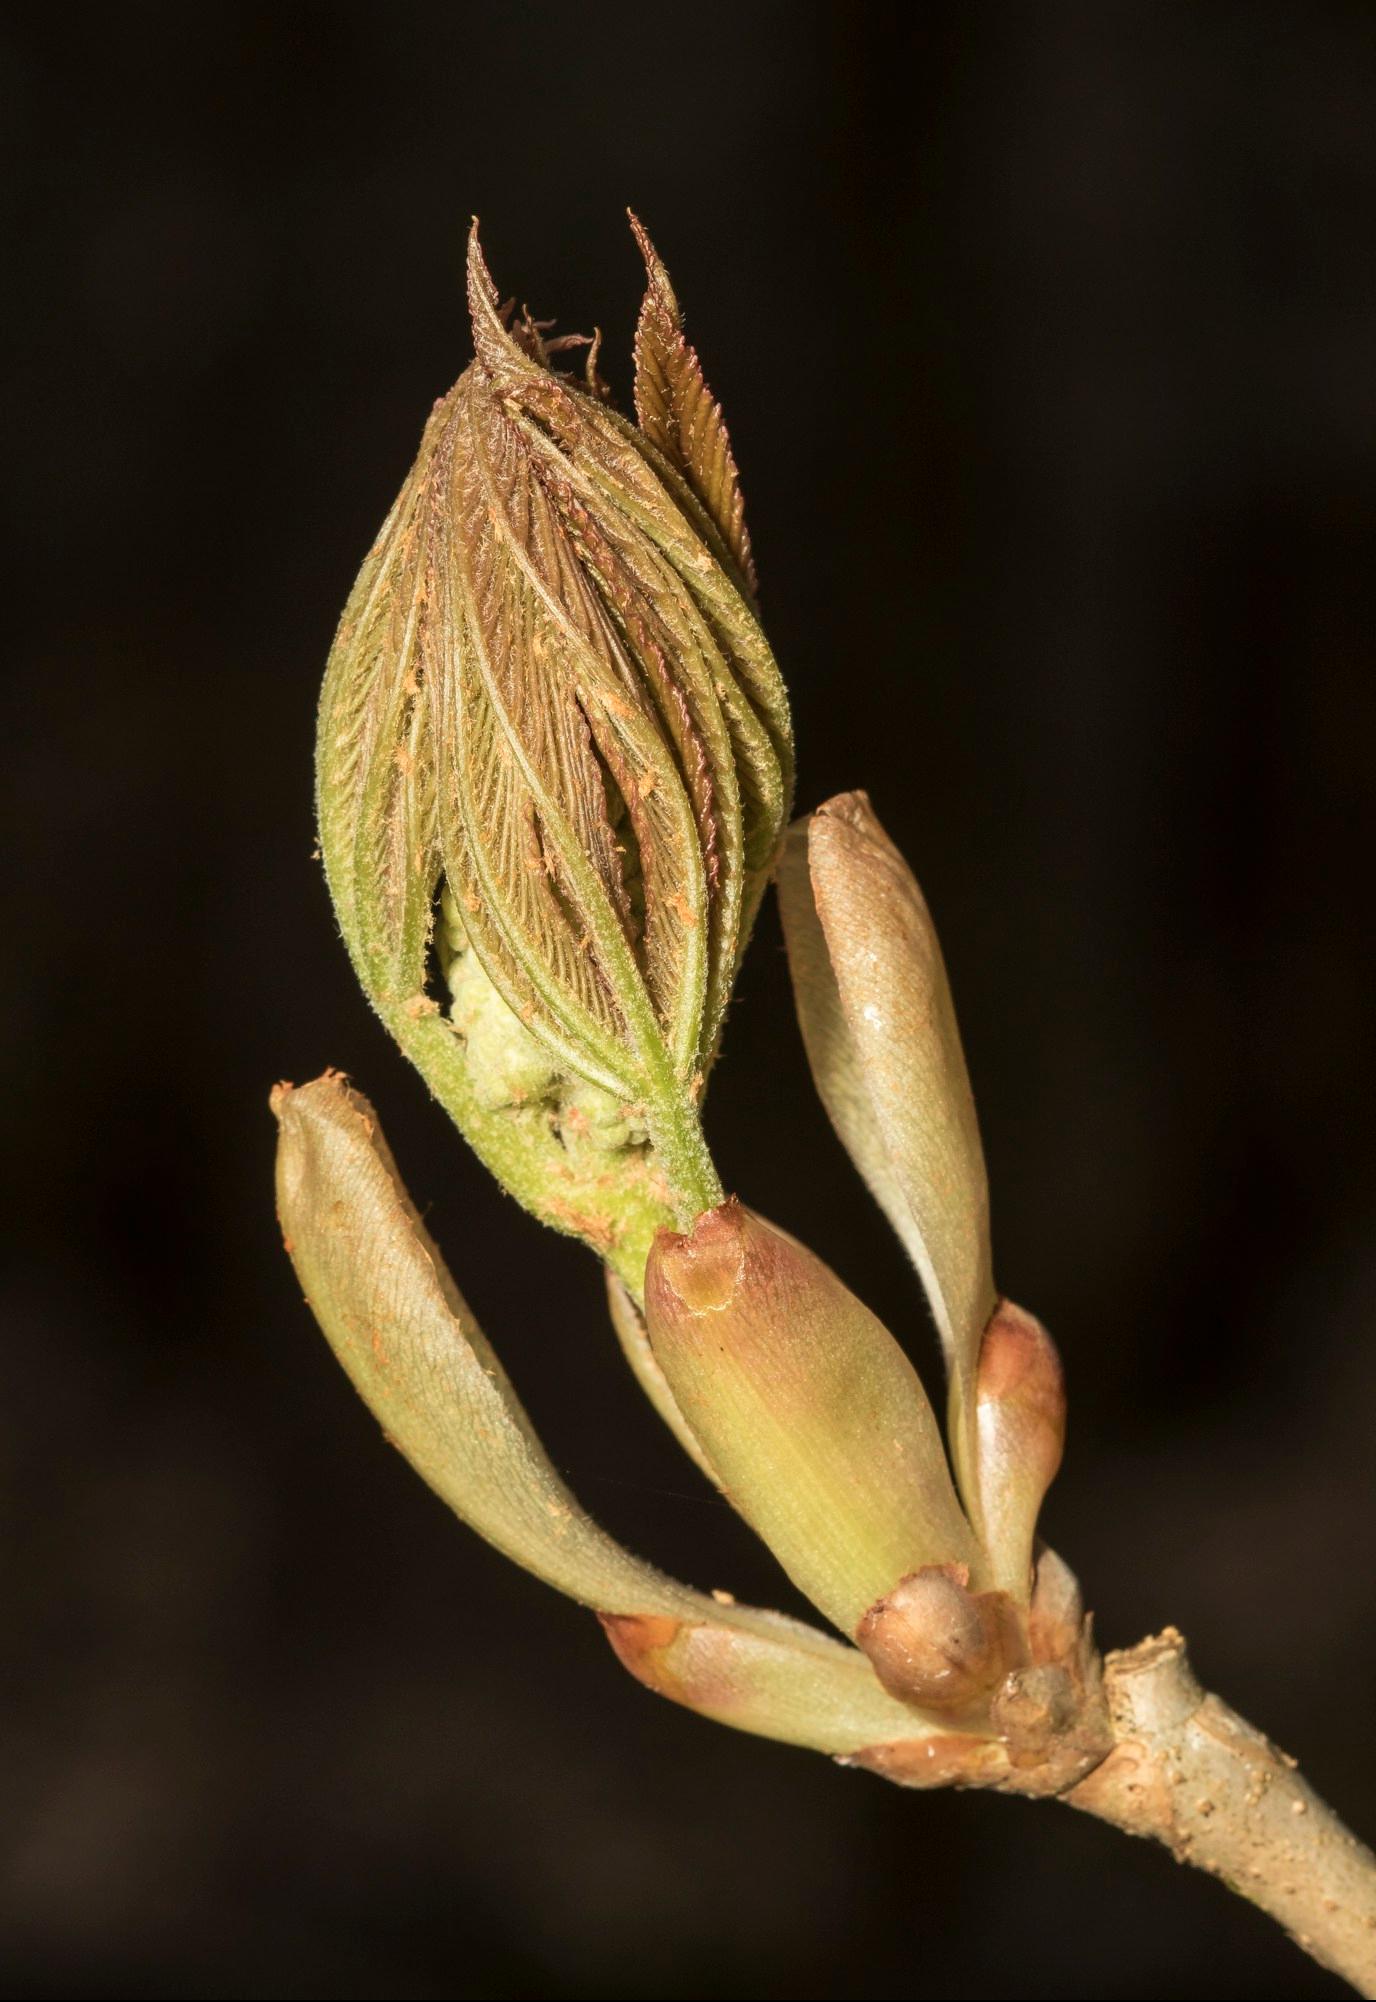 painted-buckeye-bud-with-flower-stalk.jpg